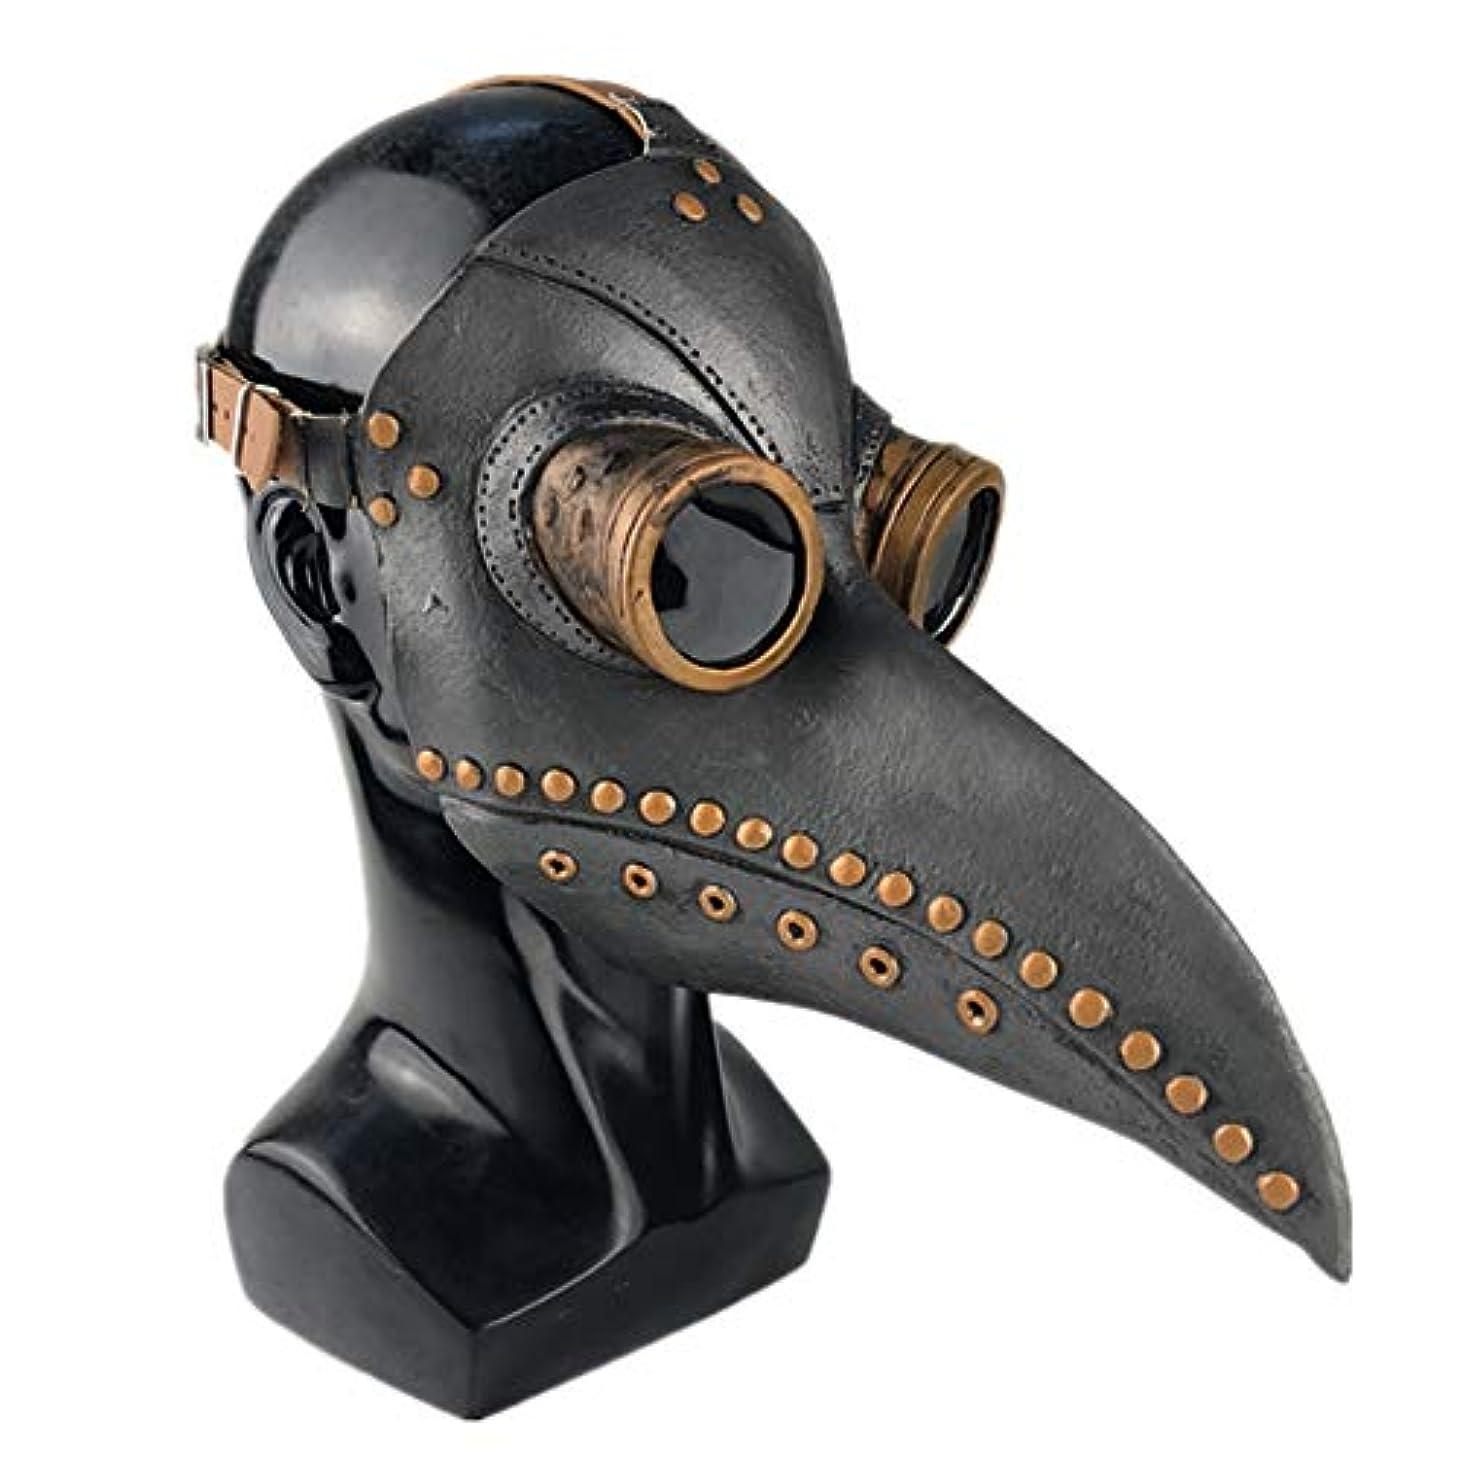 KISSION ホラーマスク ハロウィンデコレーション 通気性 ペストスチーム喙ドクターマスク 仮面舞踏会喙ドクターマスク 小道具 黒 銅の爪